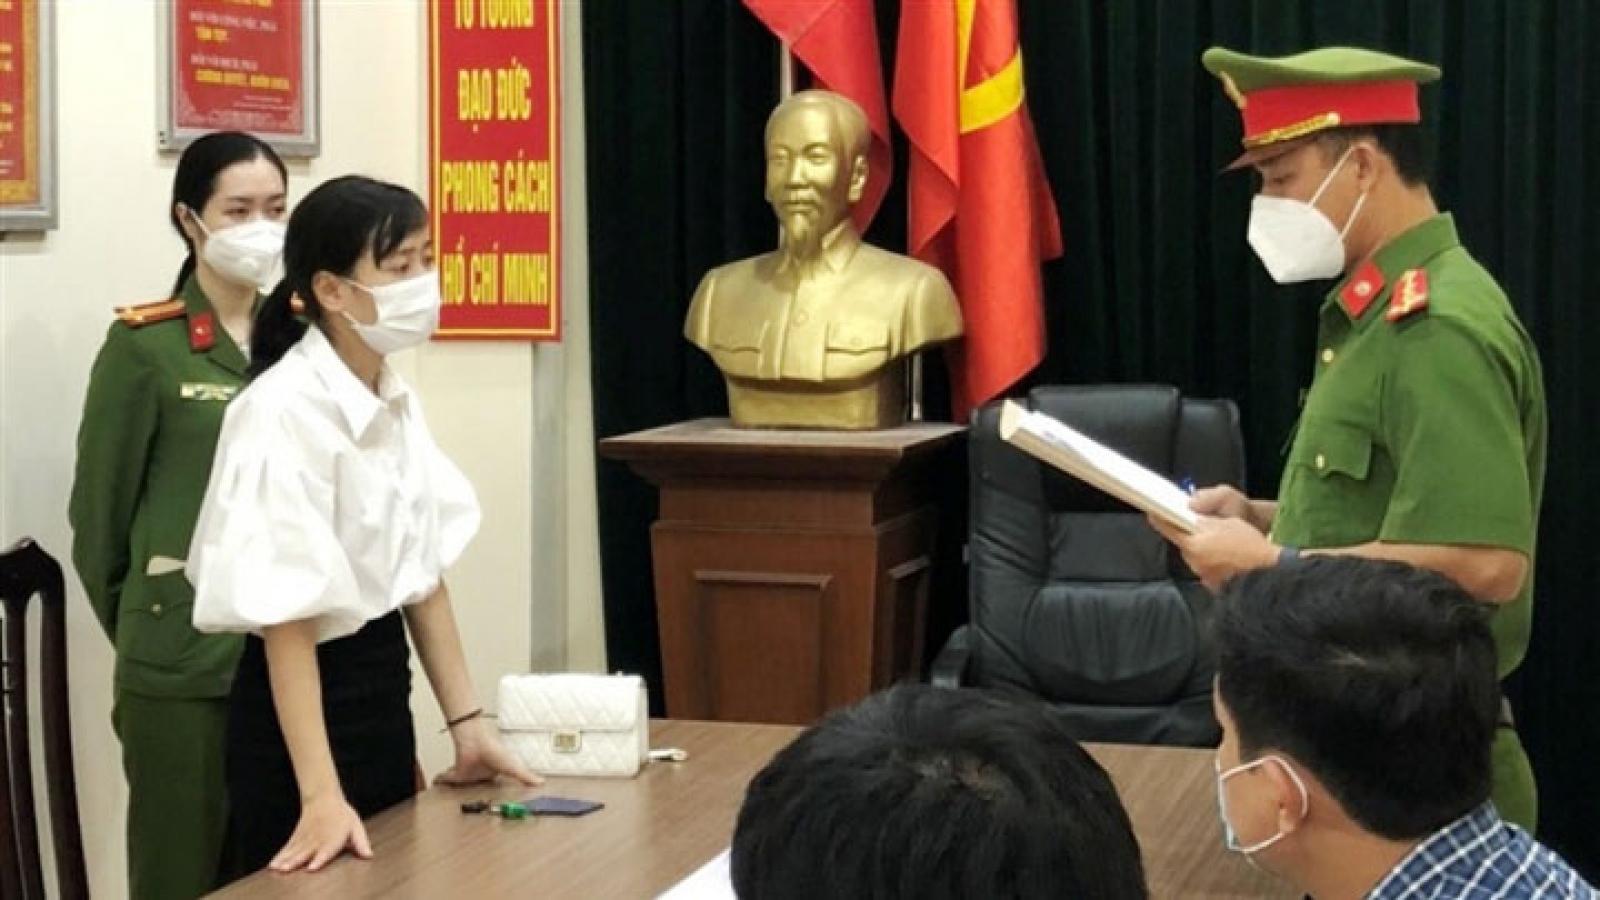 Vụ nâng khống giá thiết bị y tế ở Hà Tĩnh: Khởi tố thêm 3 bị can